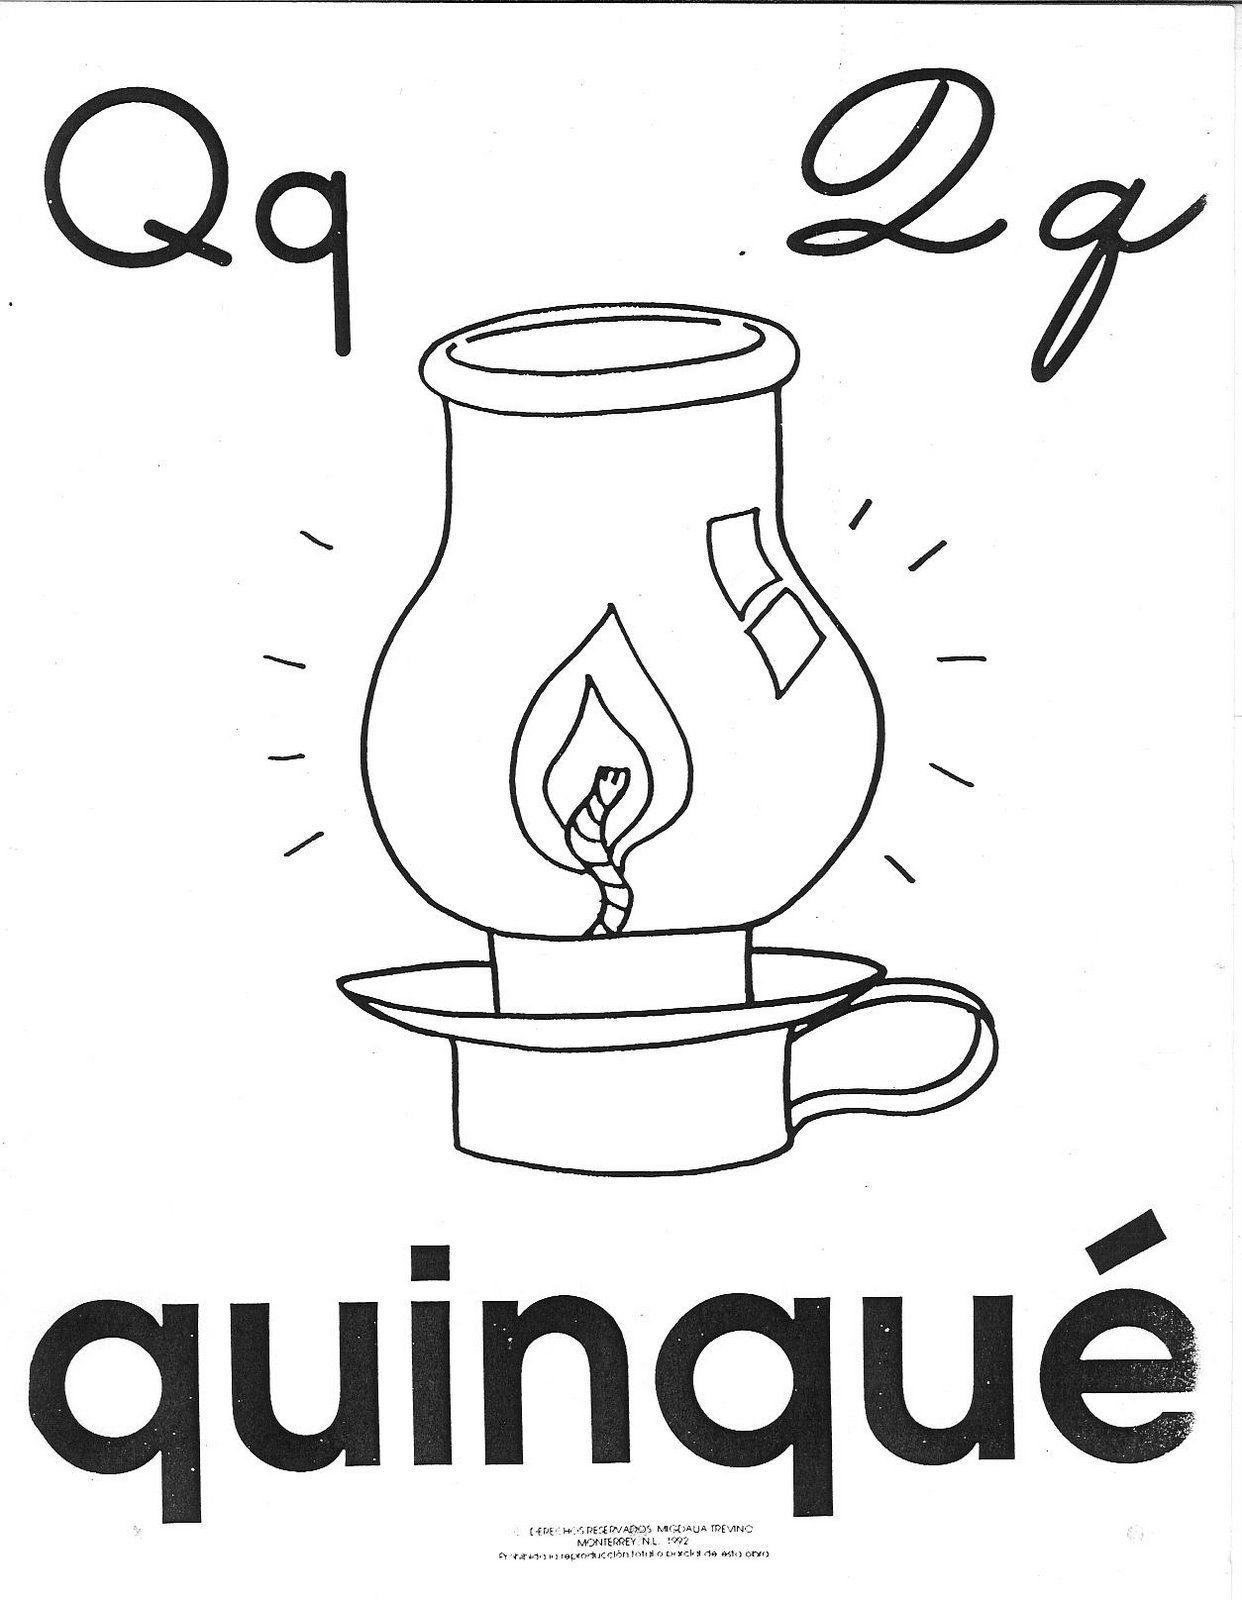 Abecedario 19 Jpg 1242 1600 Abecedario Aprender Las Letras Educacion Infantil